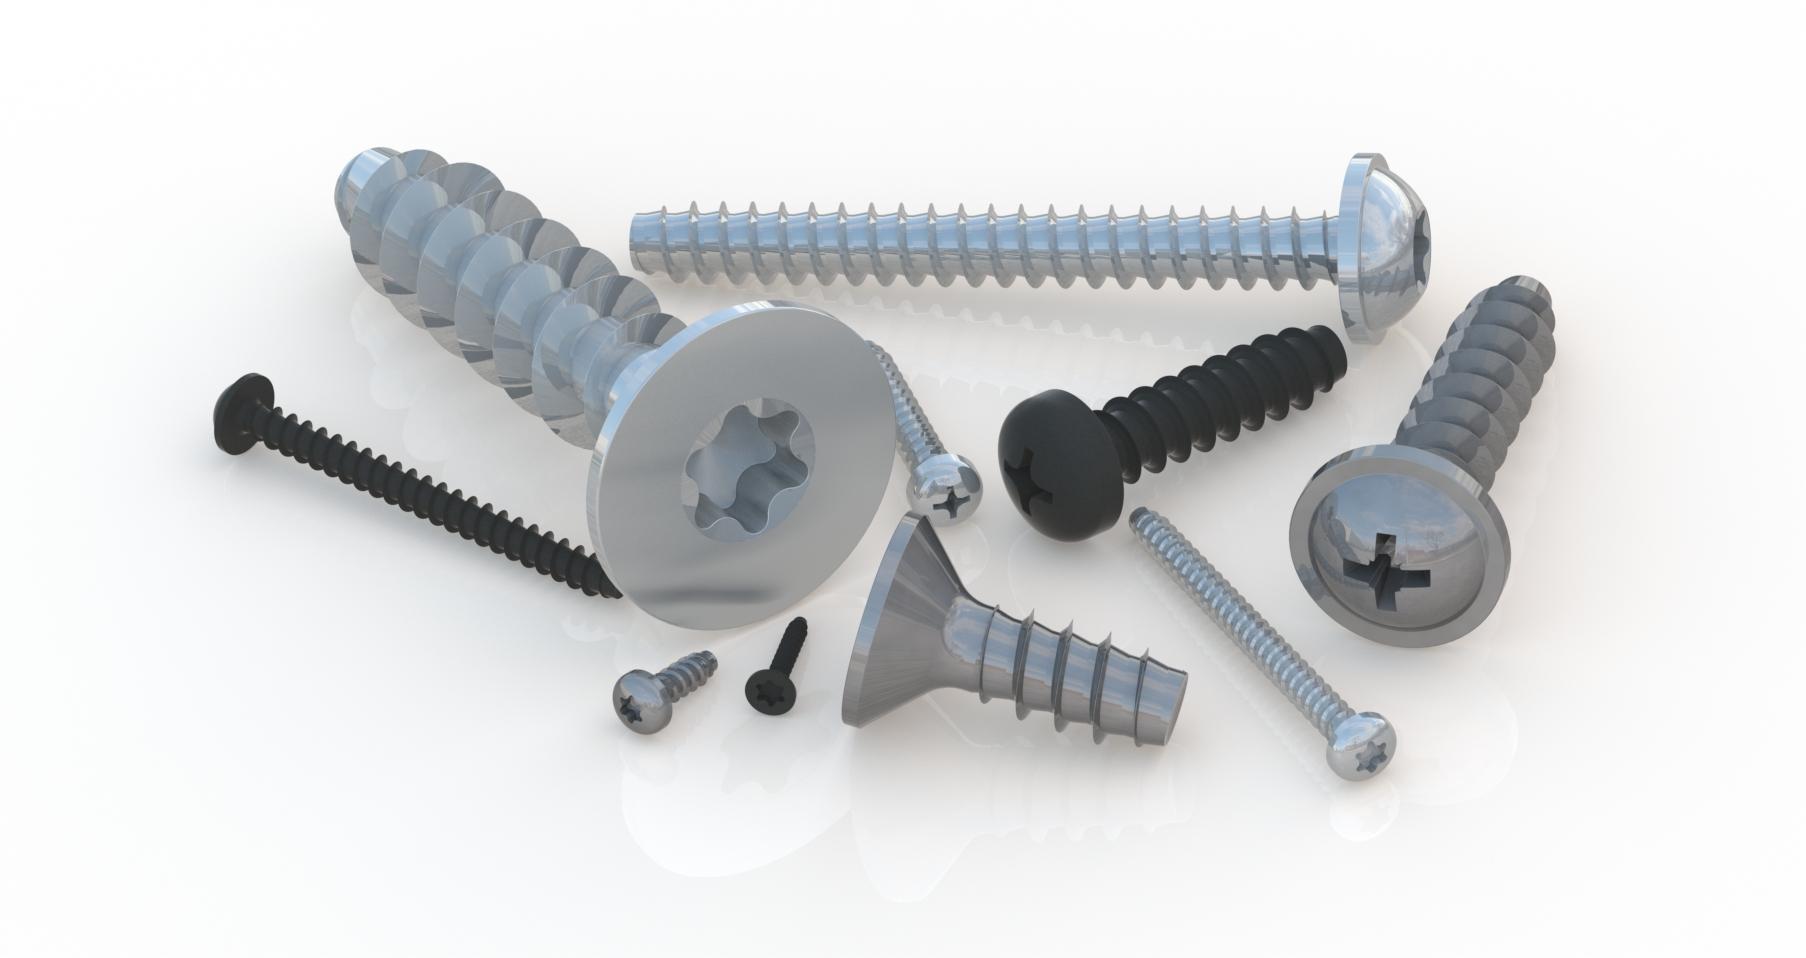 Screwerk: Mit Schraubenhandel 4.0 auf Erfolgskurs